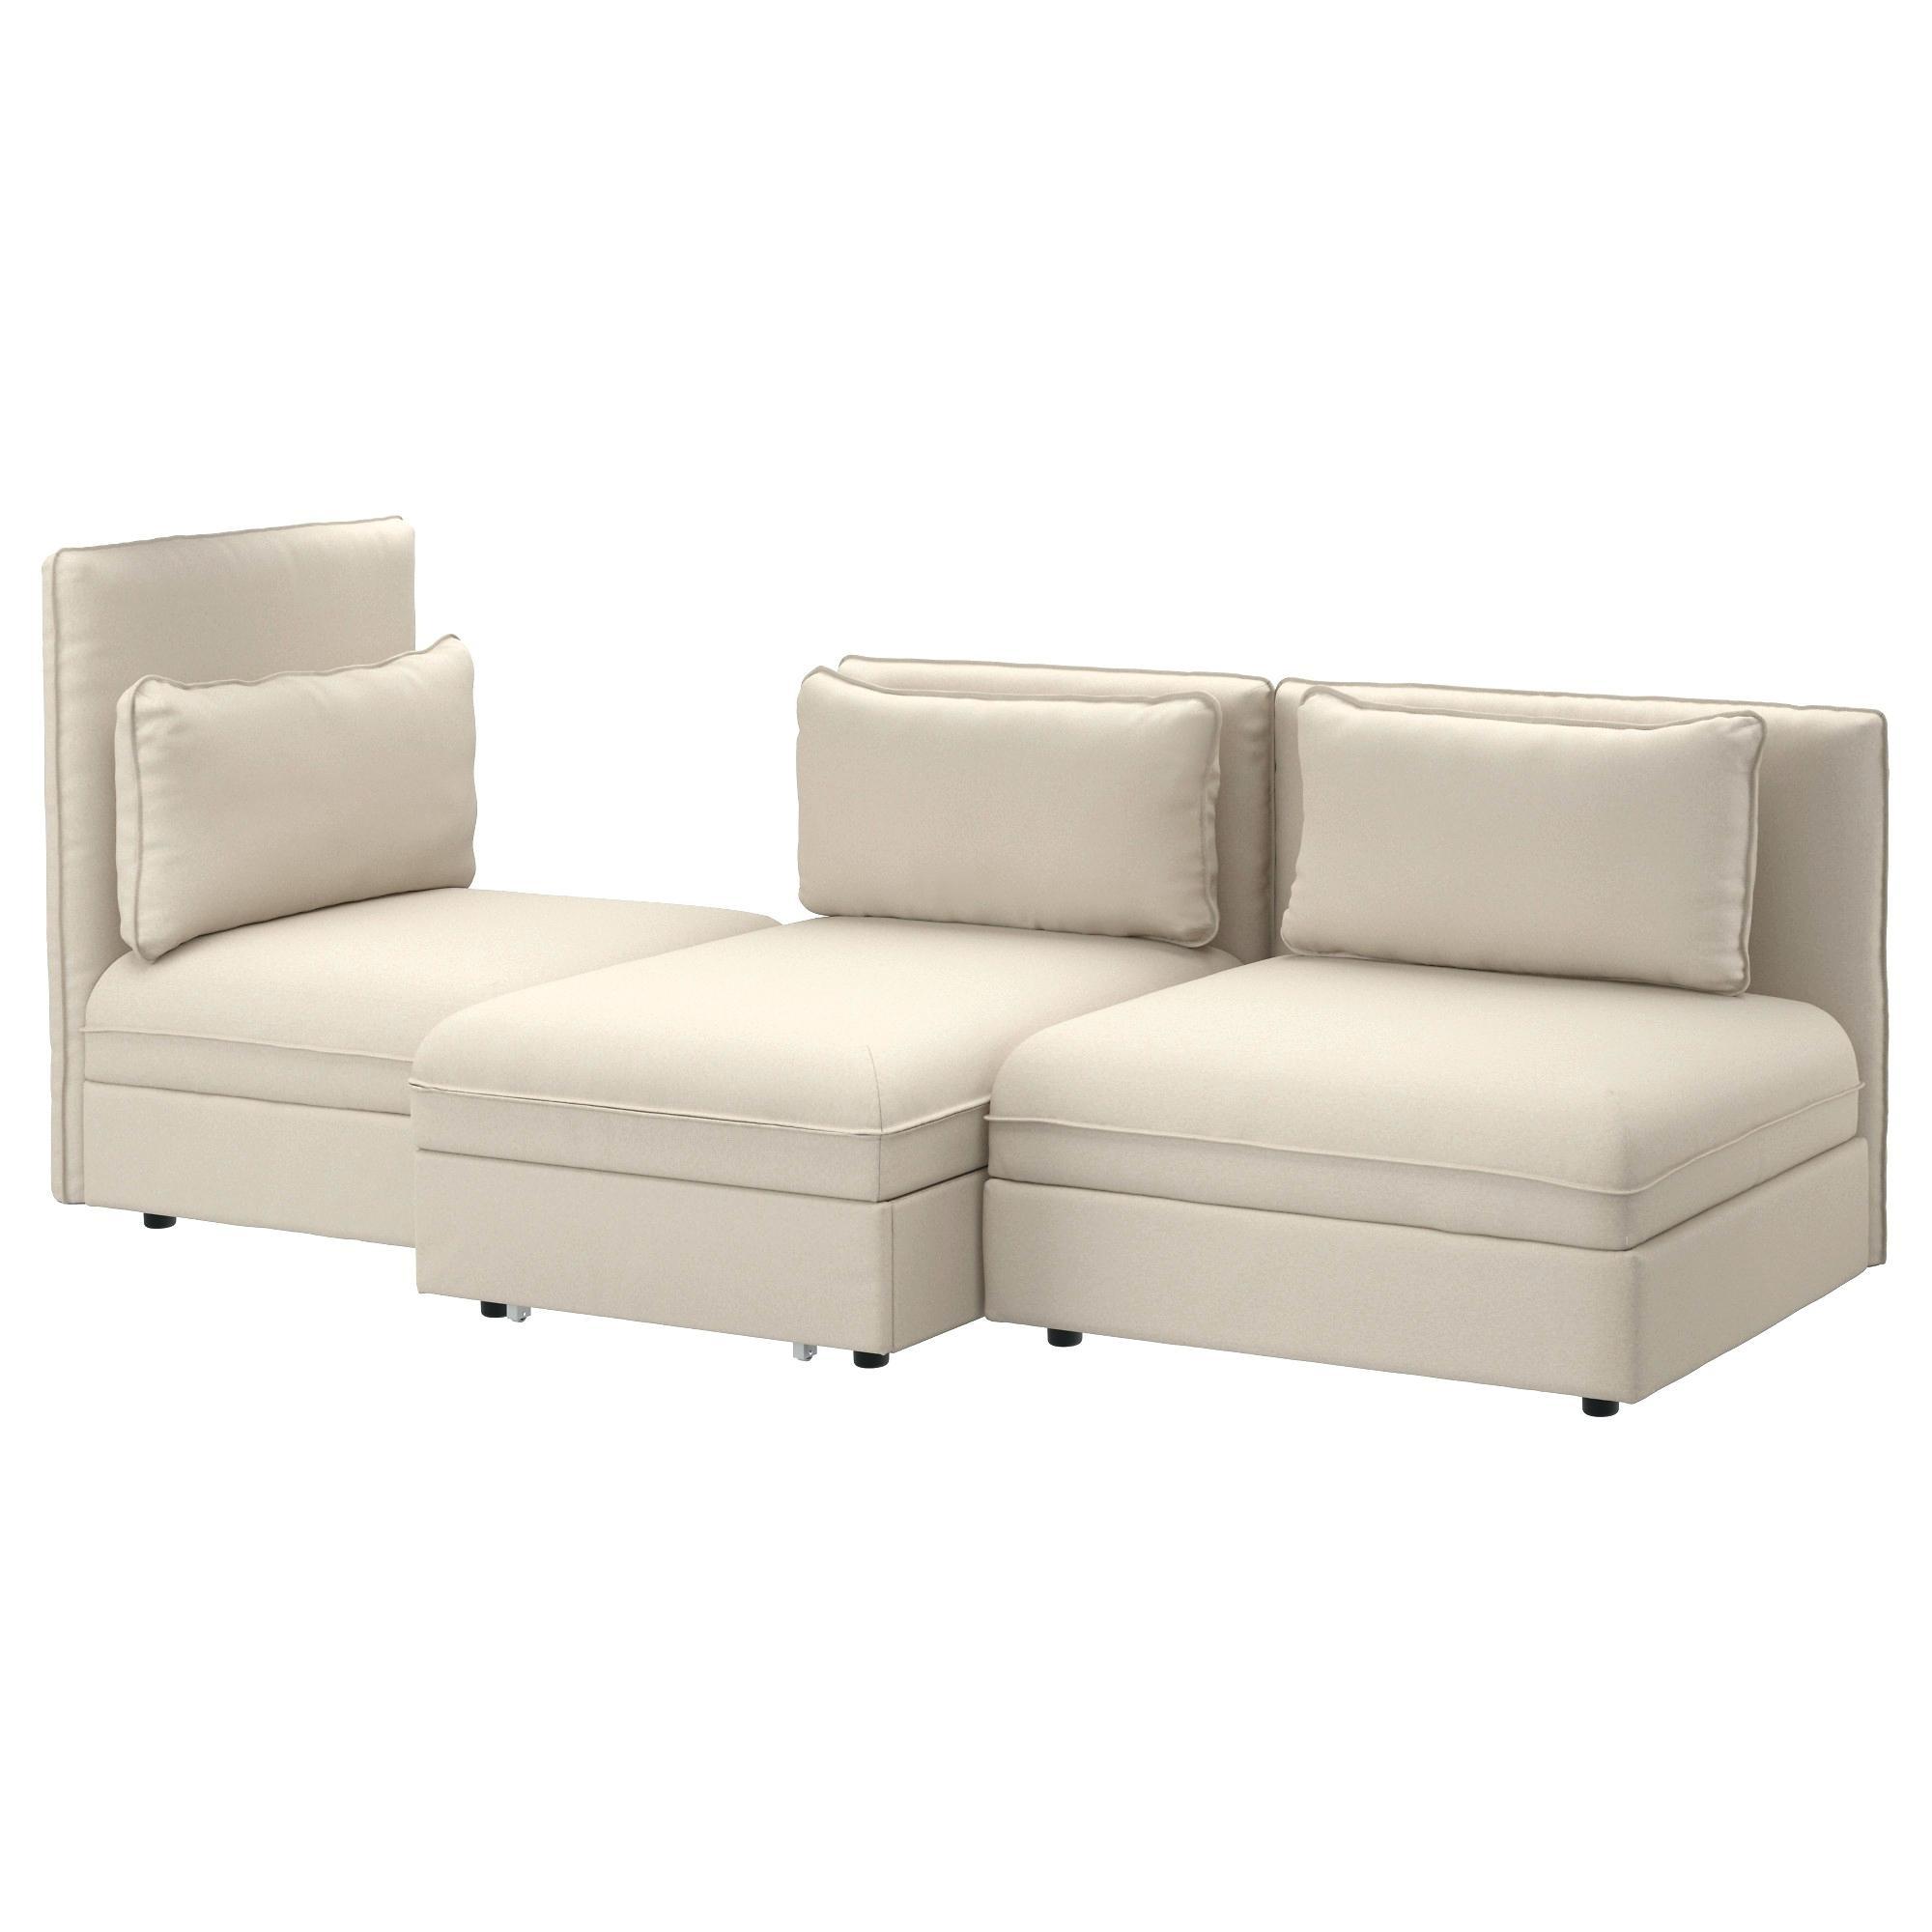 Petit Canapé Convertible Ikea Beau Images Les 20 Nouveau Canapé Bultex S